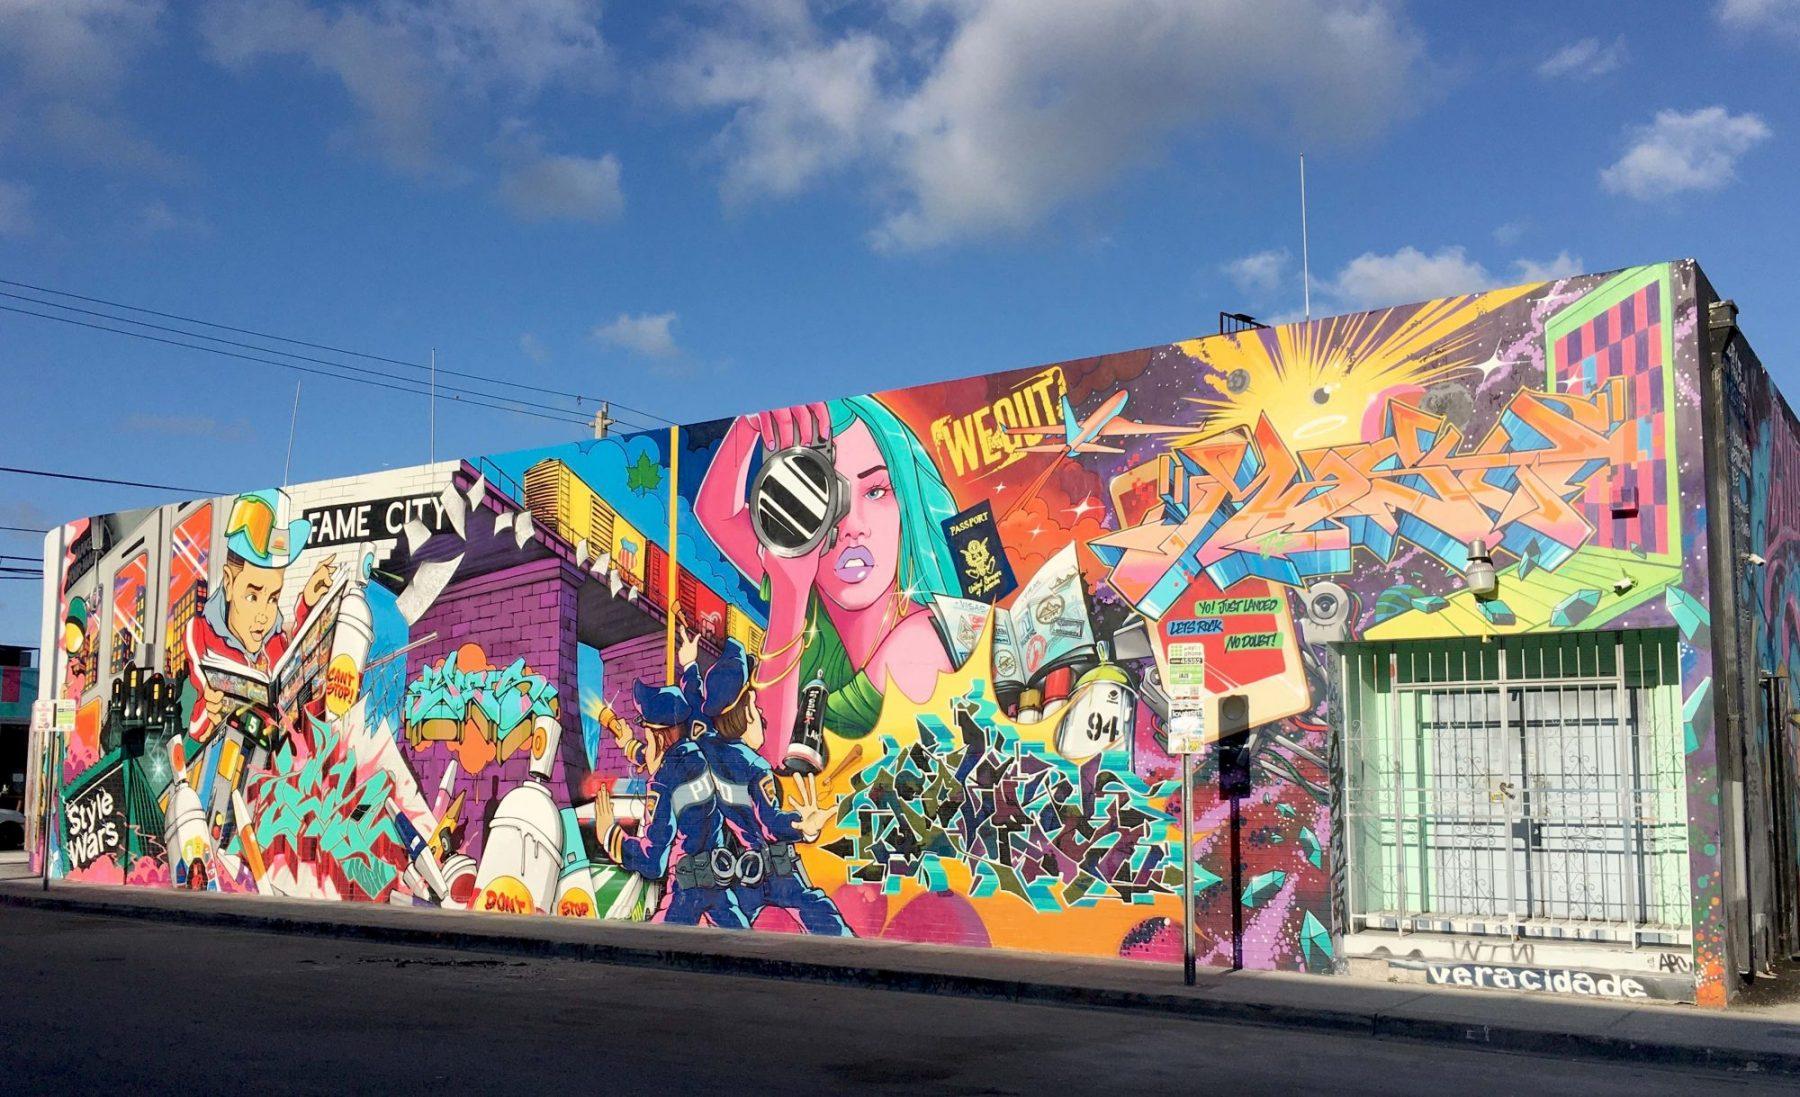 journée à Miami wynwood street art musée du graffiti art cesism visiter miami en 1 journée escale à miami l'essentiel de Miami en 1 jour visiter miami en francais visite guidée de Miami bons plans à Miami miami off road